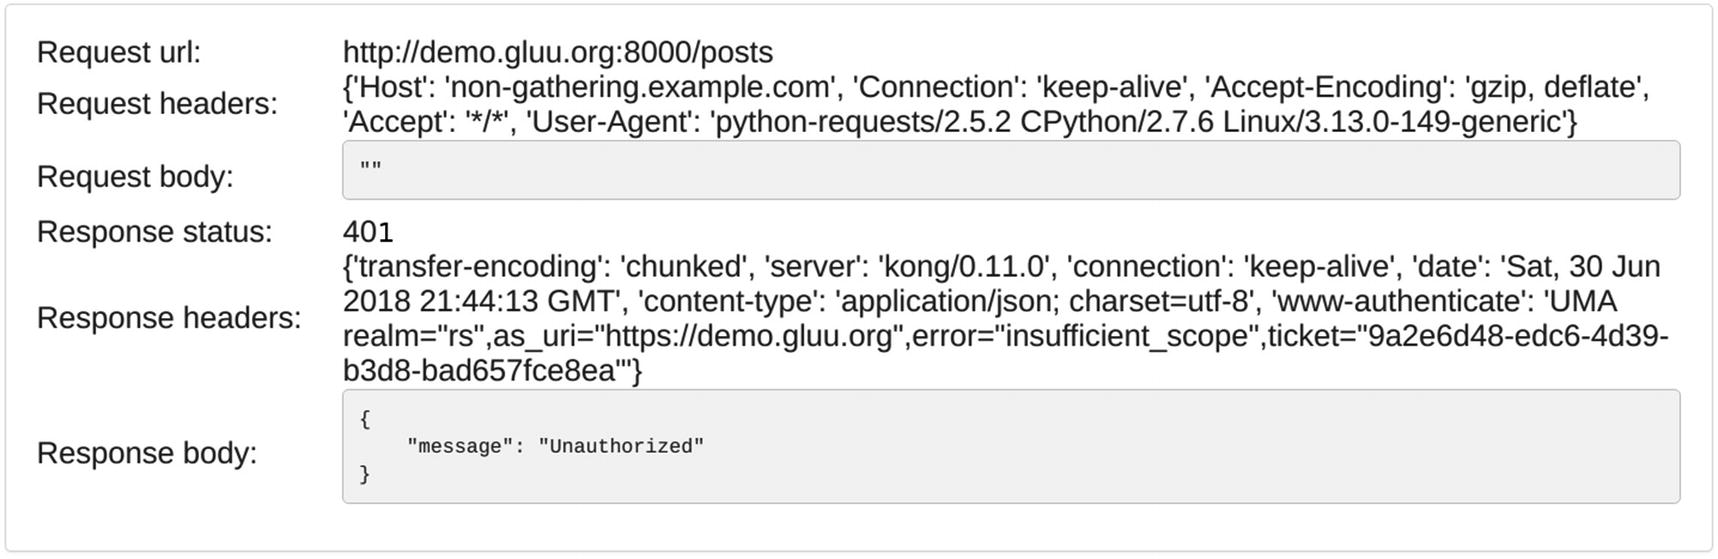 User-Managed Access | SpringerLink